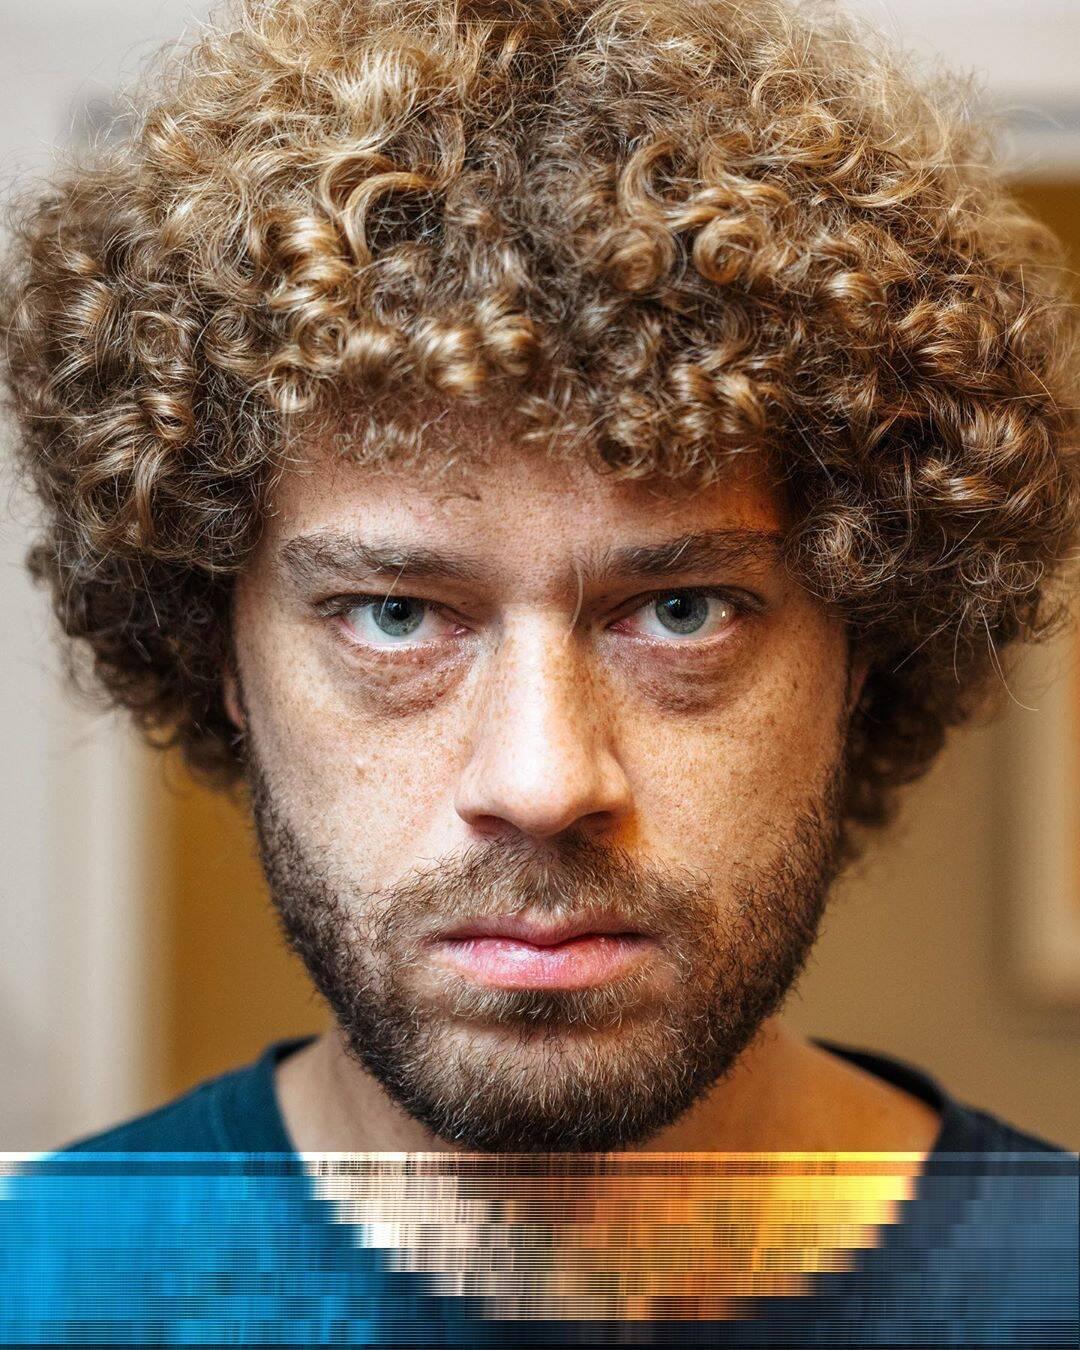 Варламов переболел коронавирусом и рассказал о симптомах (Instagram Ильи Варламова)